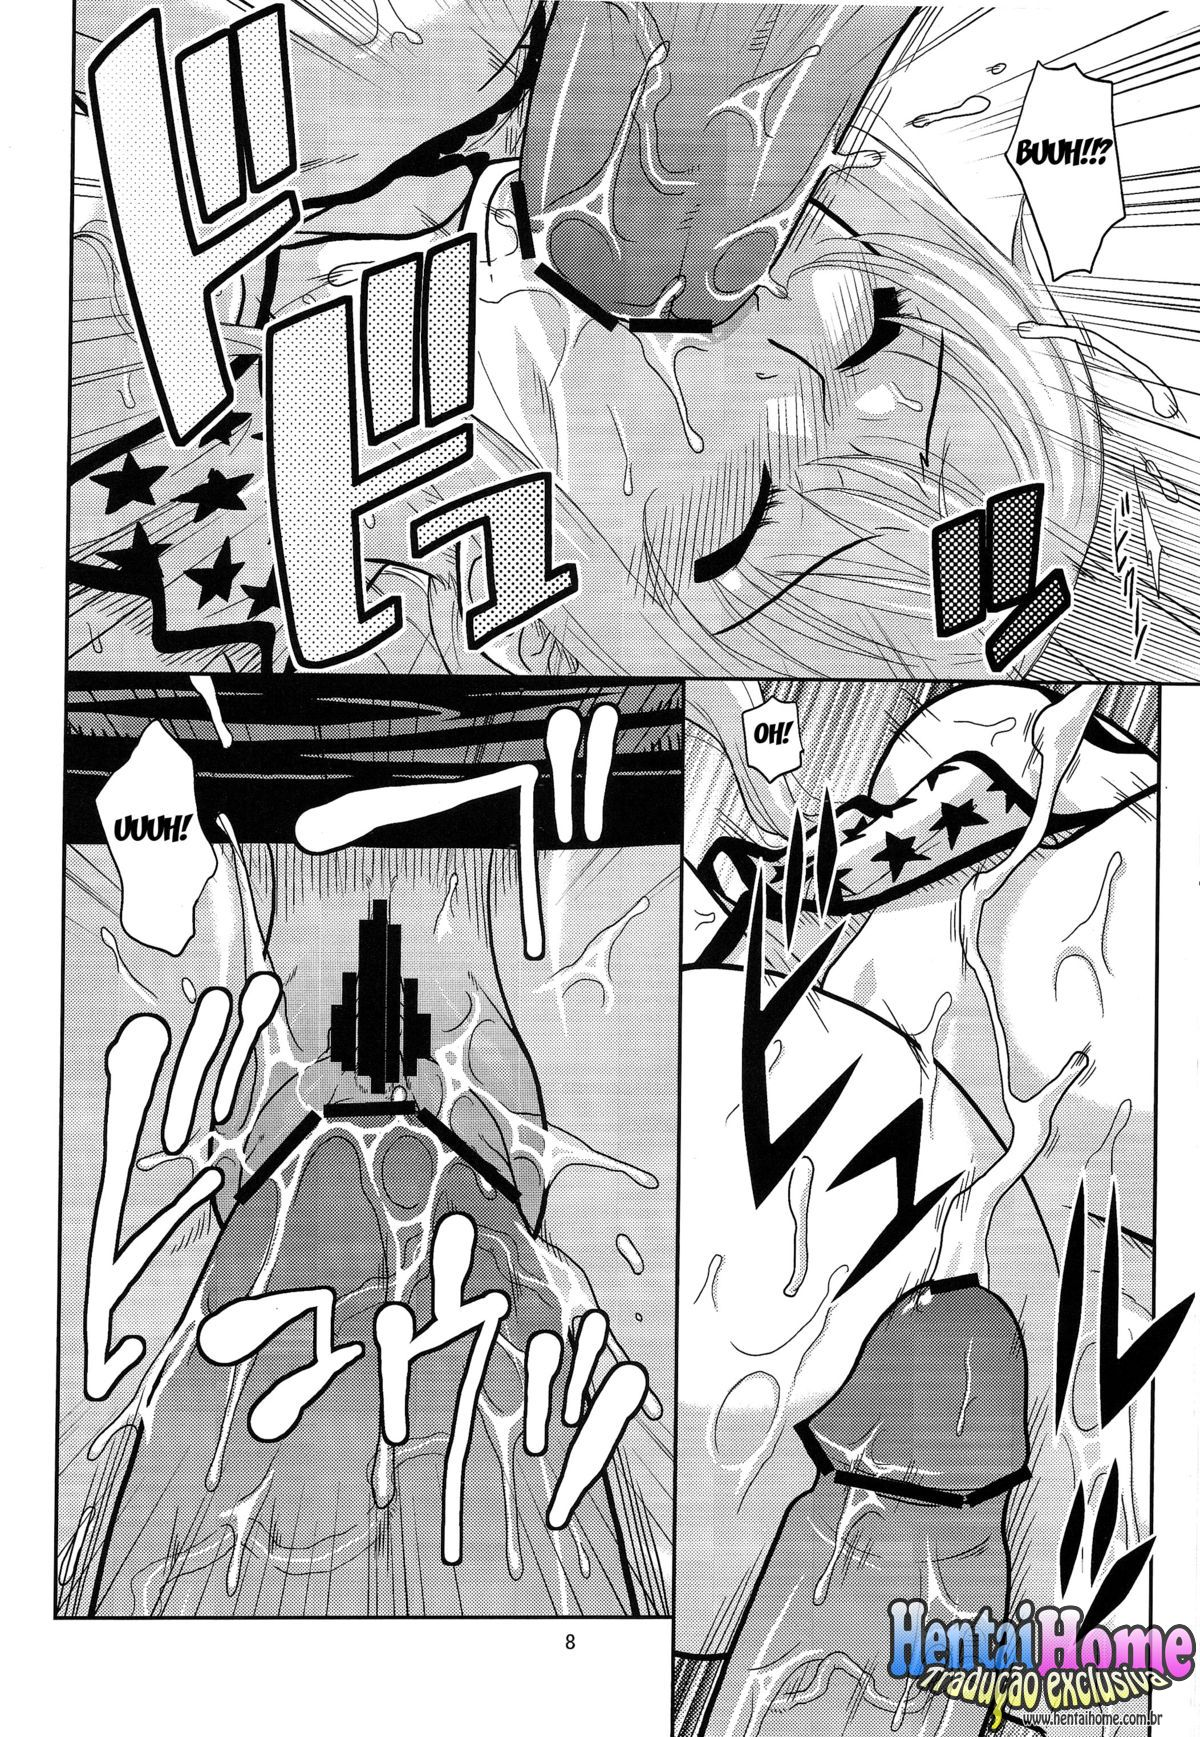 Hentaihome-Nami-abusada-por-estranhos-7